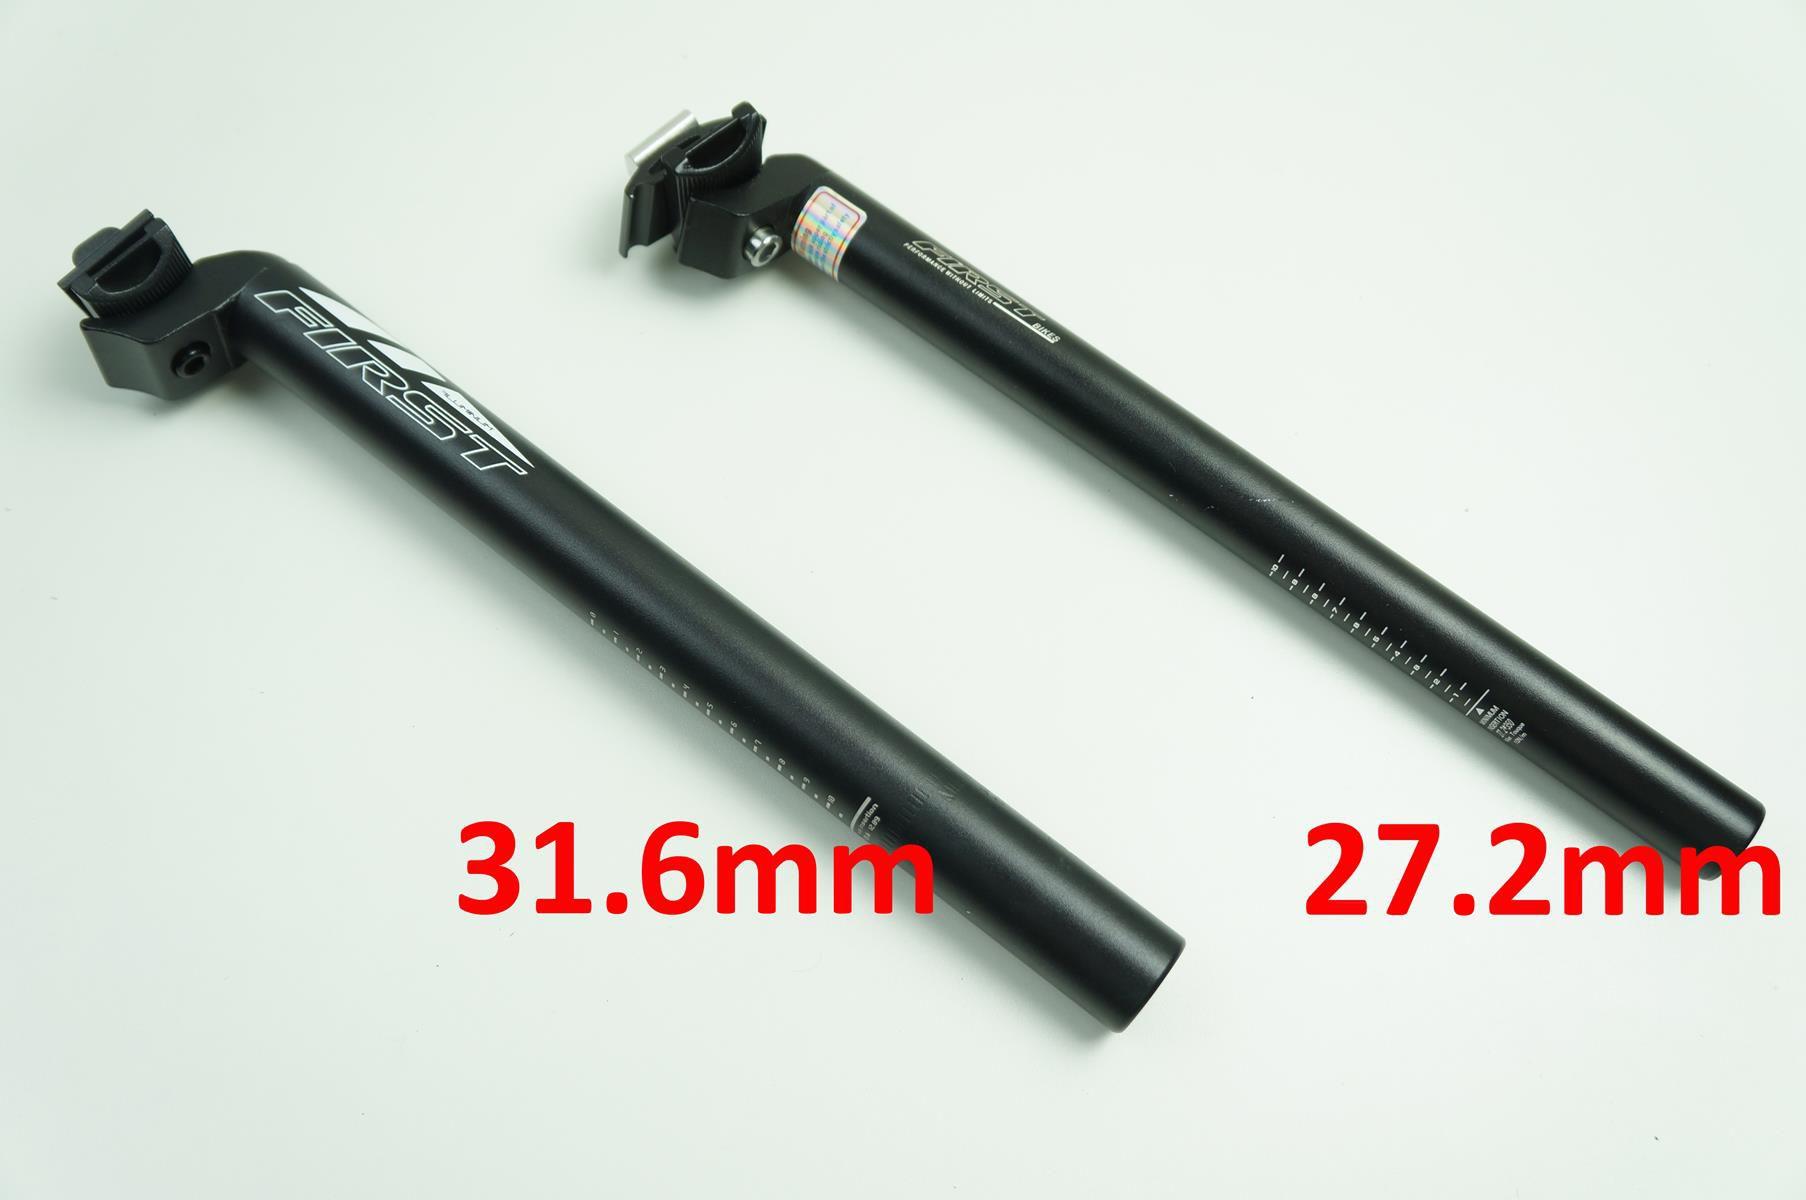 Canote Bicicleta First Alumínio 27.2 ou 31.6mm com 350mm Preto Com Carrinho + Blocagem